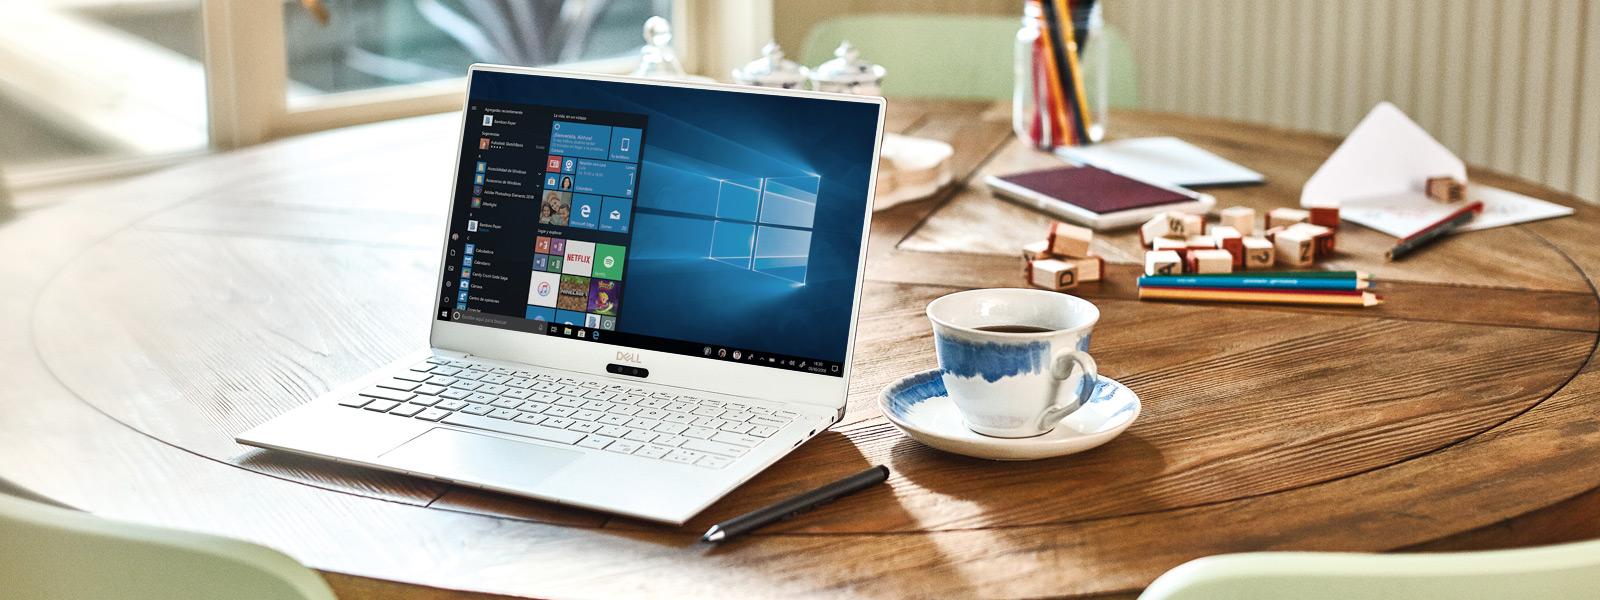 Come migliorare la sicurezza in Windows 10? 3